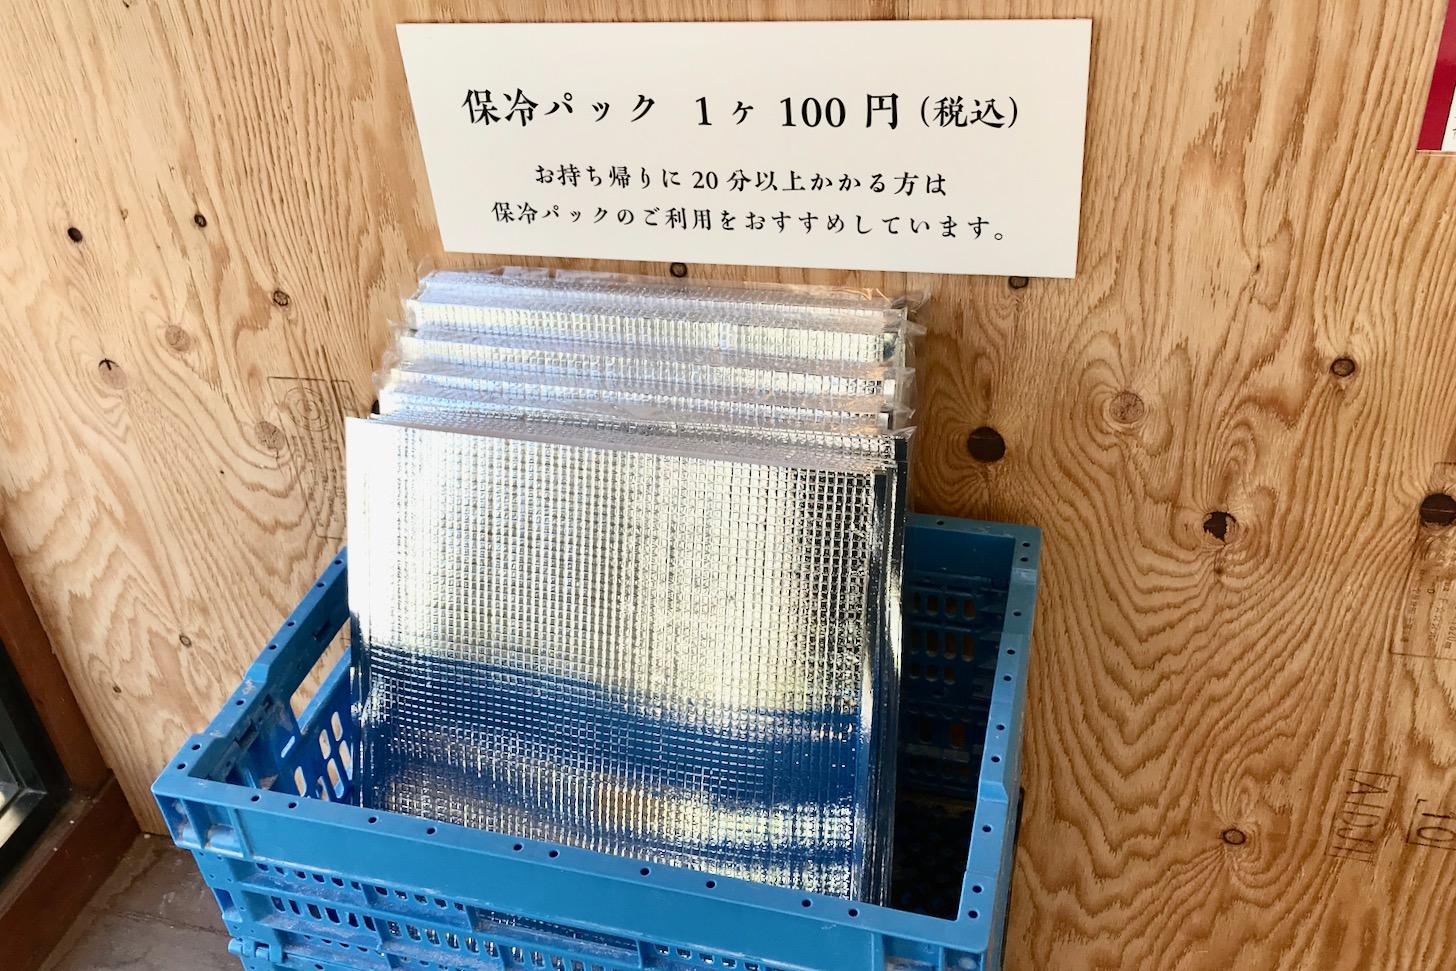 餃子の雪松 多摩センター店 保冷バック